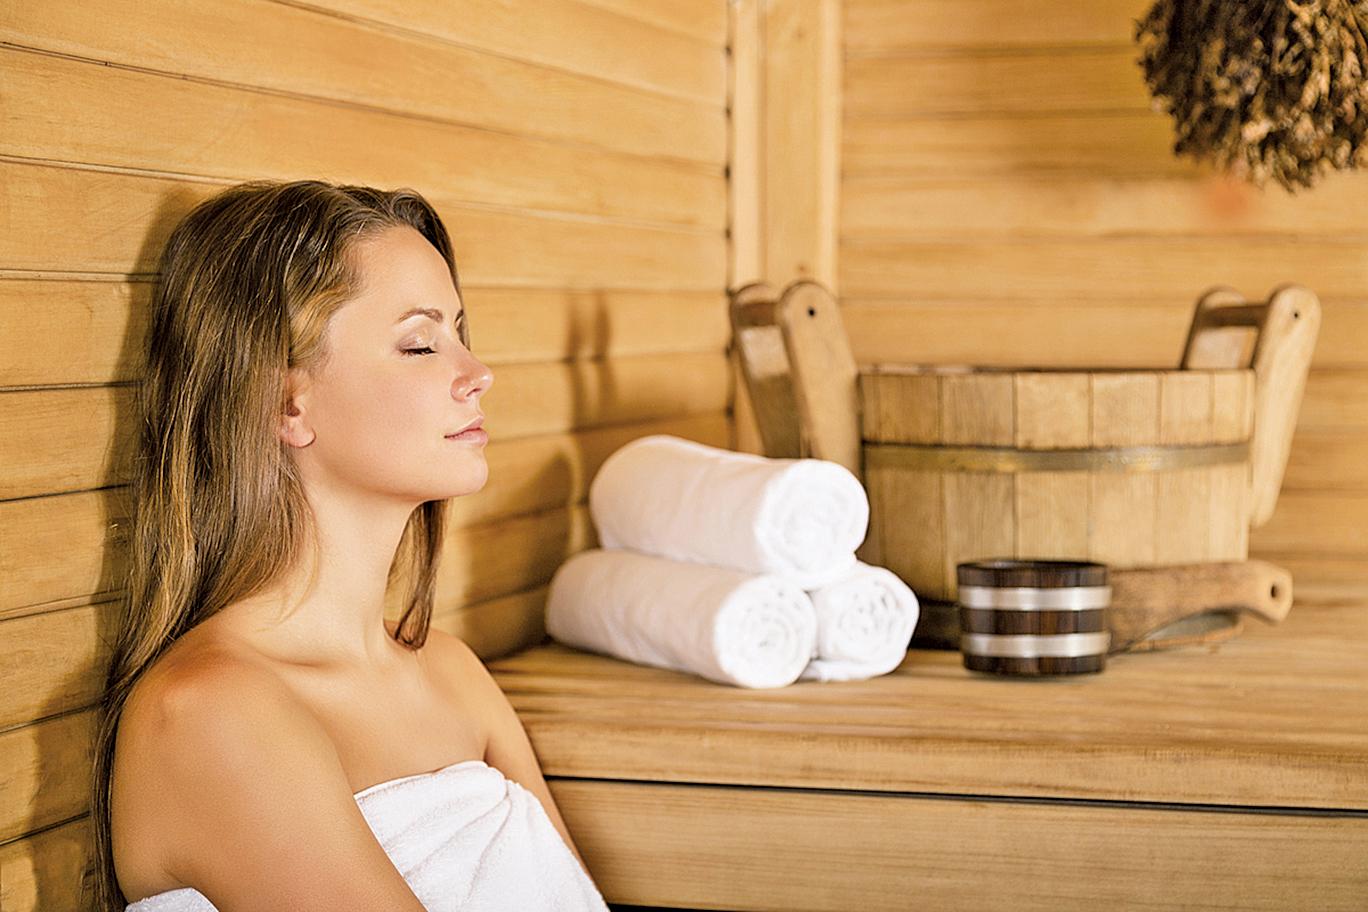 一次30分鐘的桑拿浴可以降低血壓,改善血管順應性,同時增加心率,效果類似於中等強度的運動。(Fotolia)